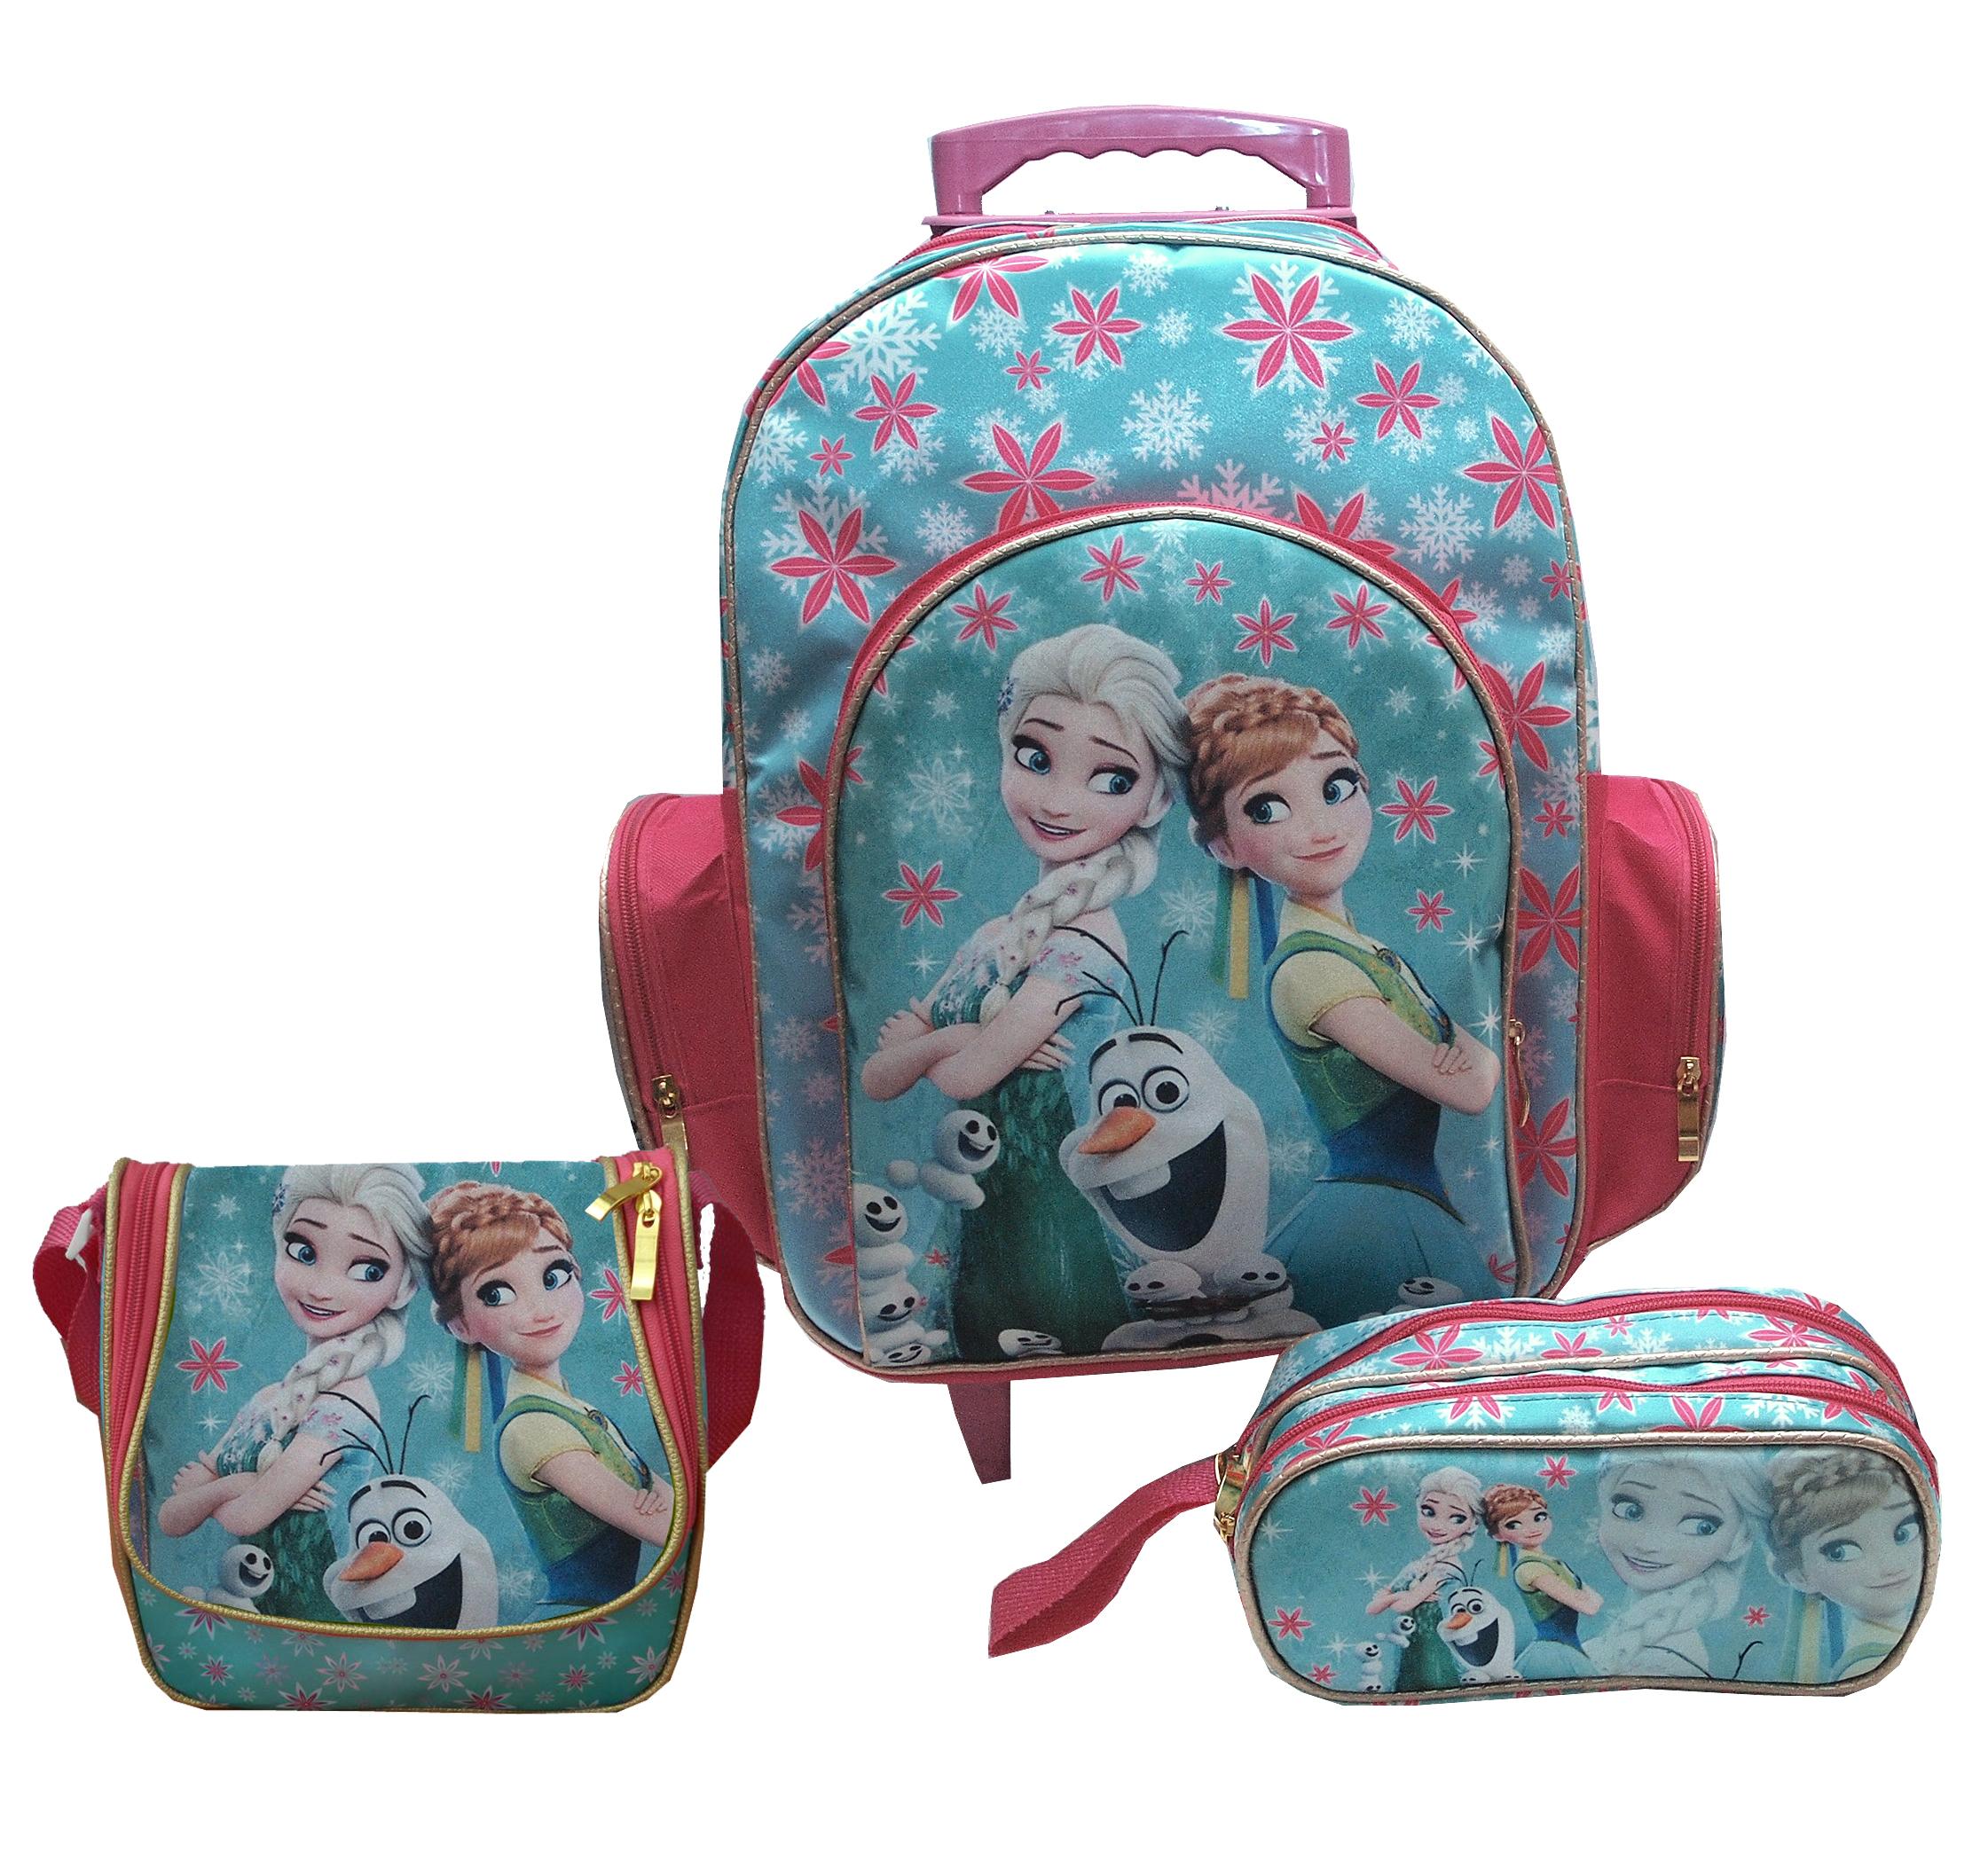 Bolsa De Rodinha Infantil Pequena : Kit mochila escolar rodinha frozen e cia elo